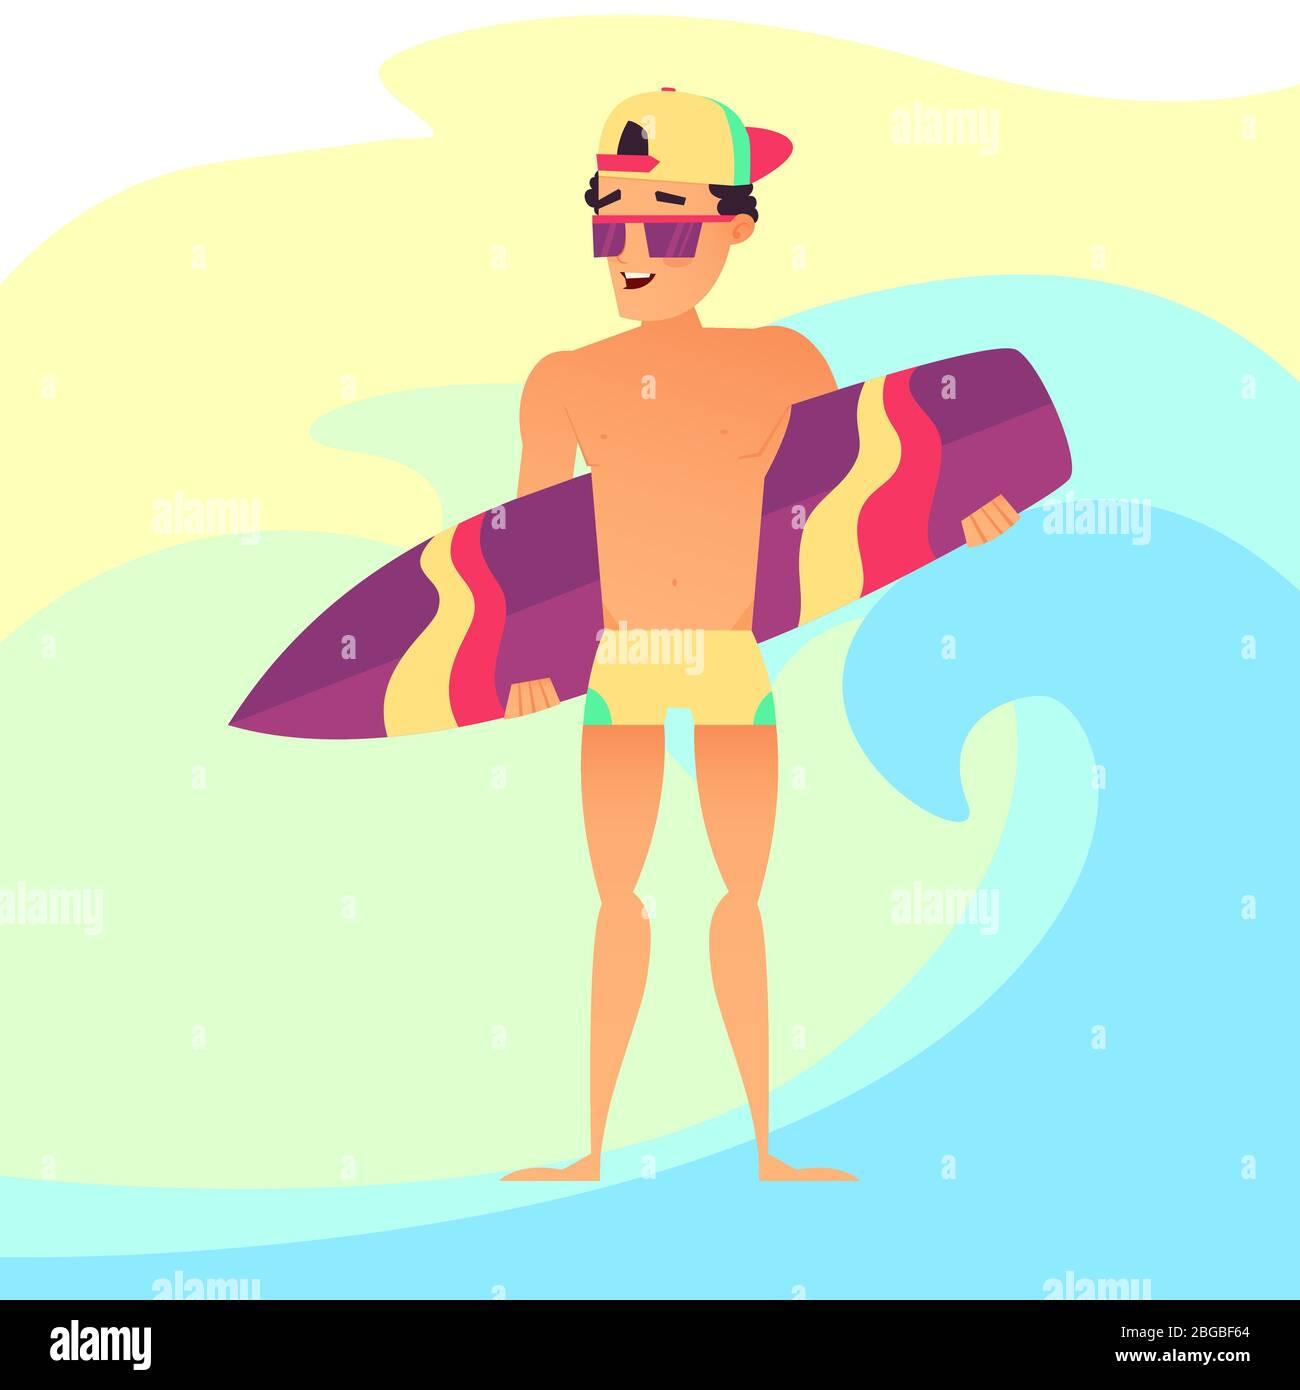 Surf Vacances D Ete Surfer Gars Avec Planche De Surf Style De Dessin Anime Image Vectorielle Stock Alamy